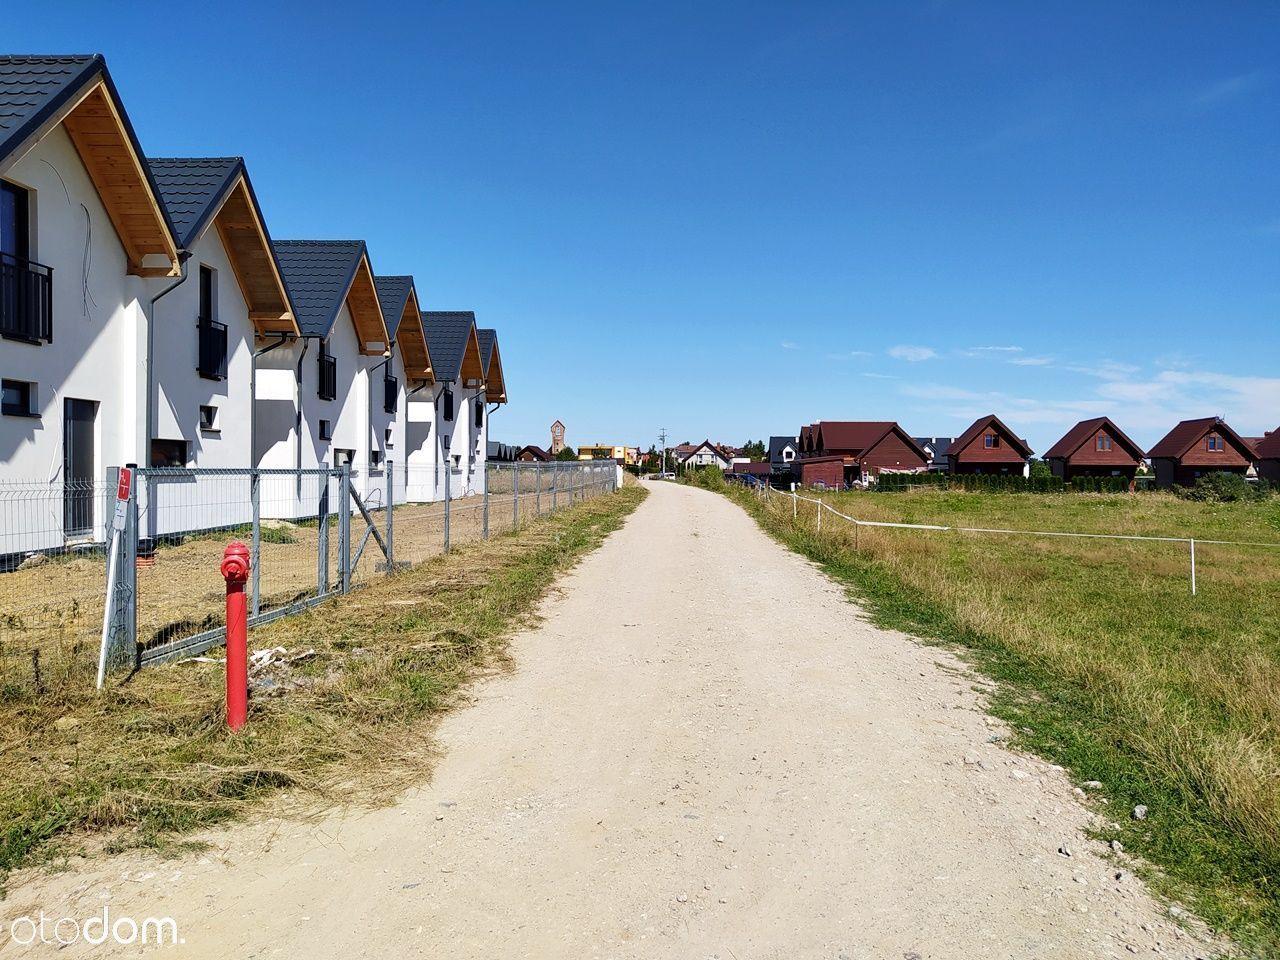 Działka budowlana w okolicach Władysławowa 1 001 m